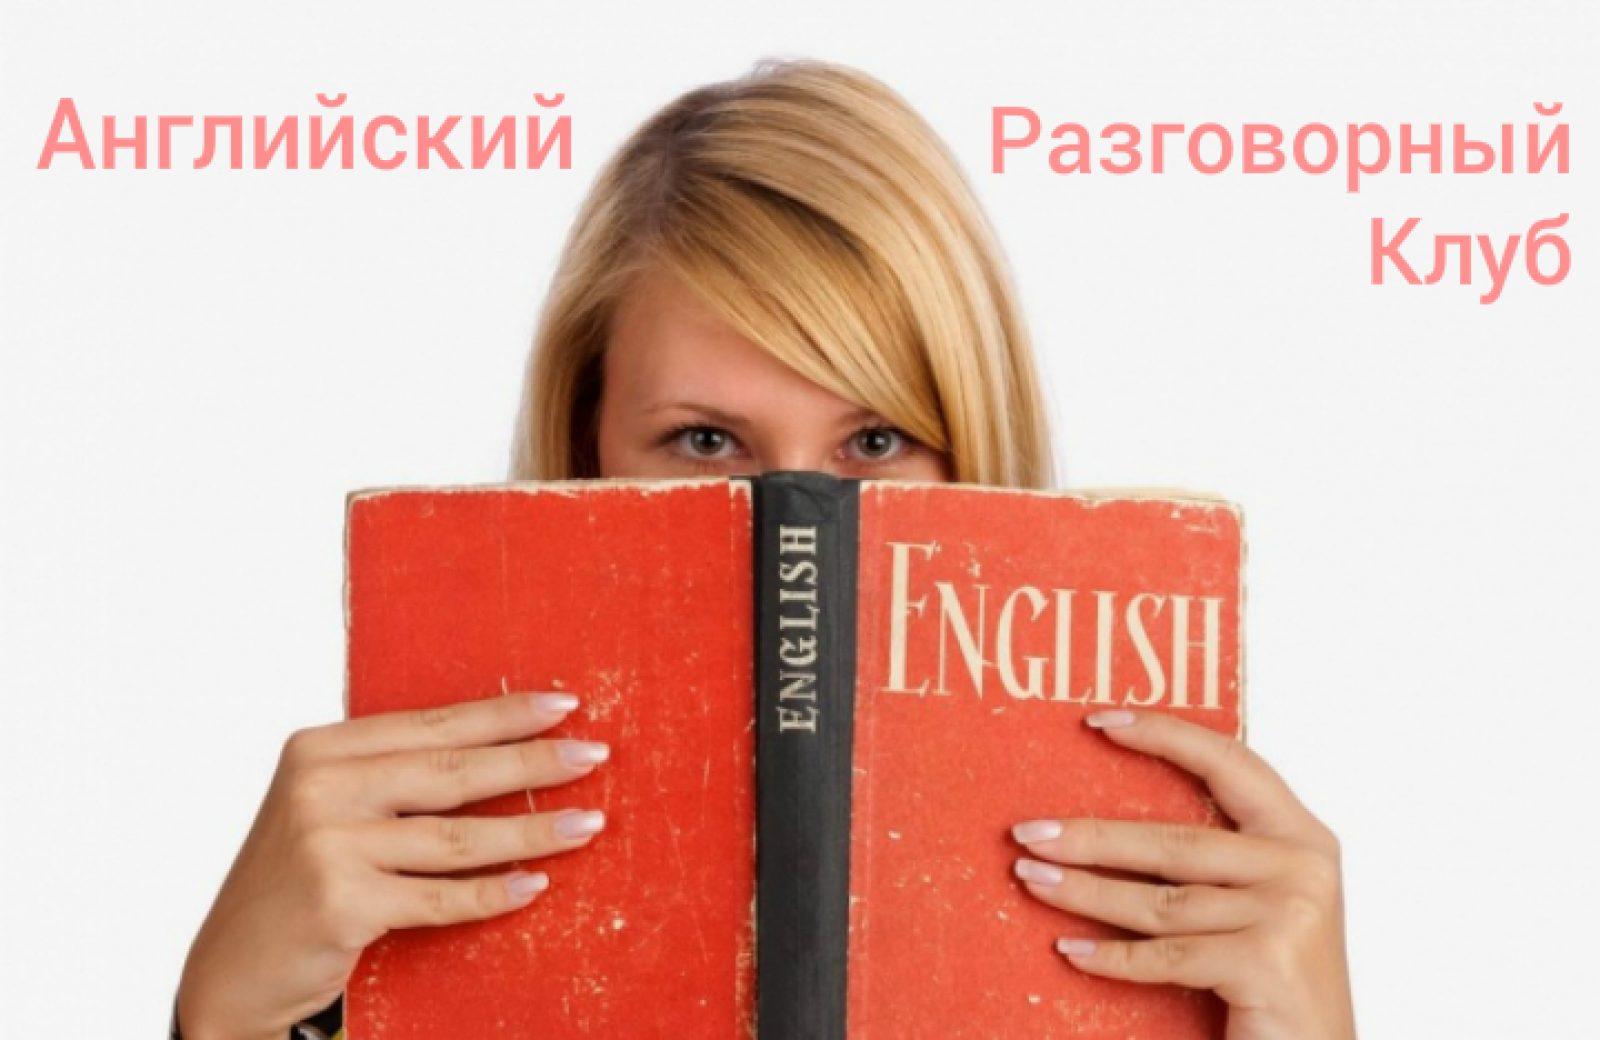 Английский разговорный клуб